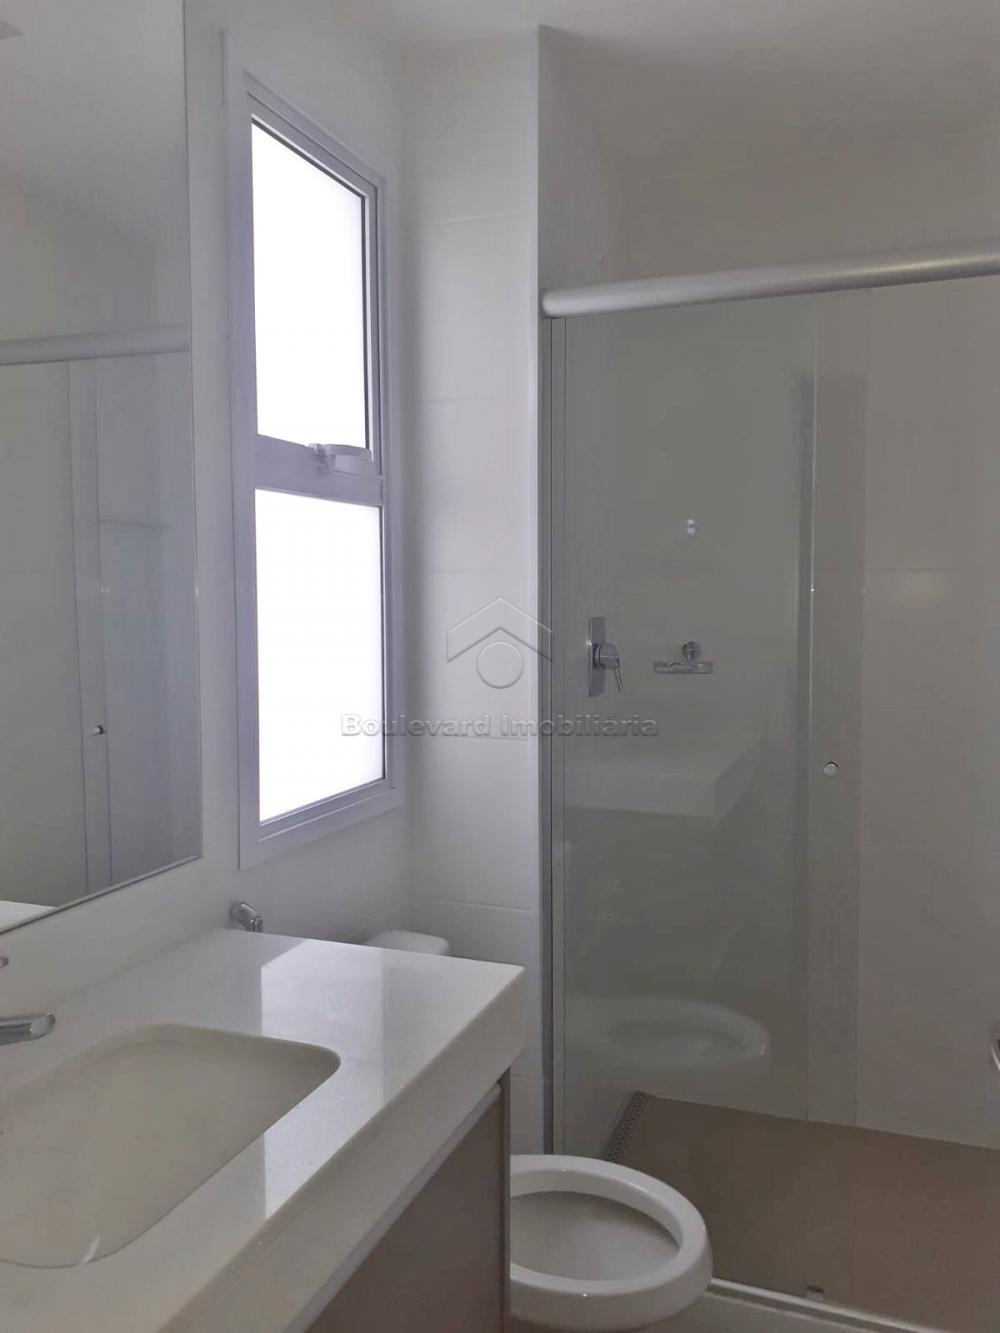 Comprar Apartamento / Padrão em Ribeirão Preto R$ 890.000,00 - Foto 13